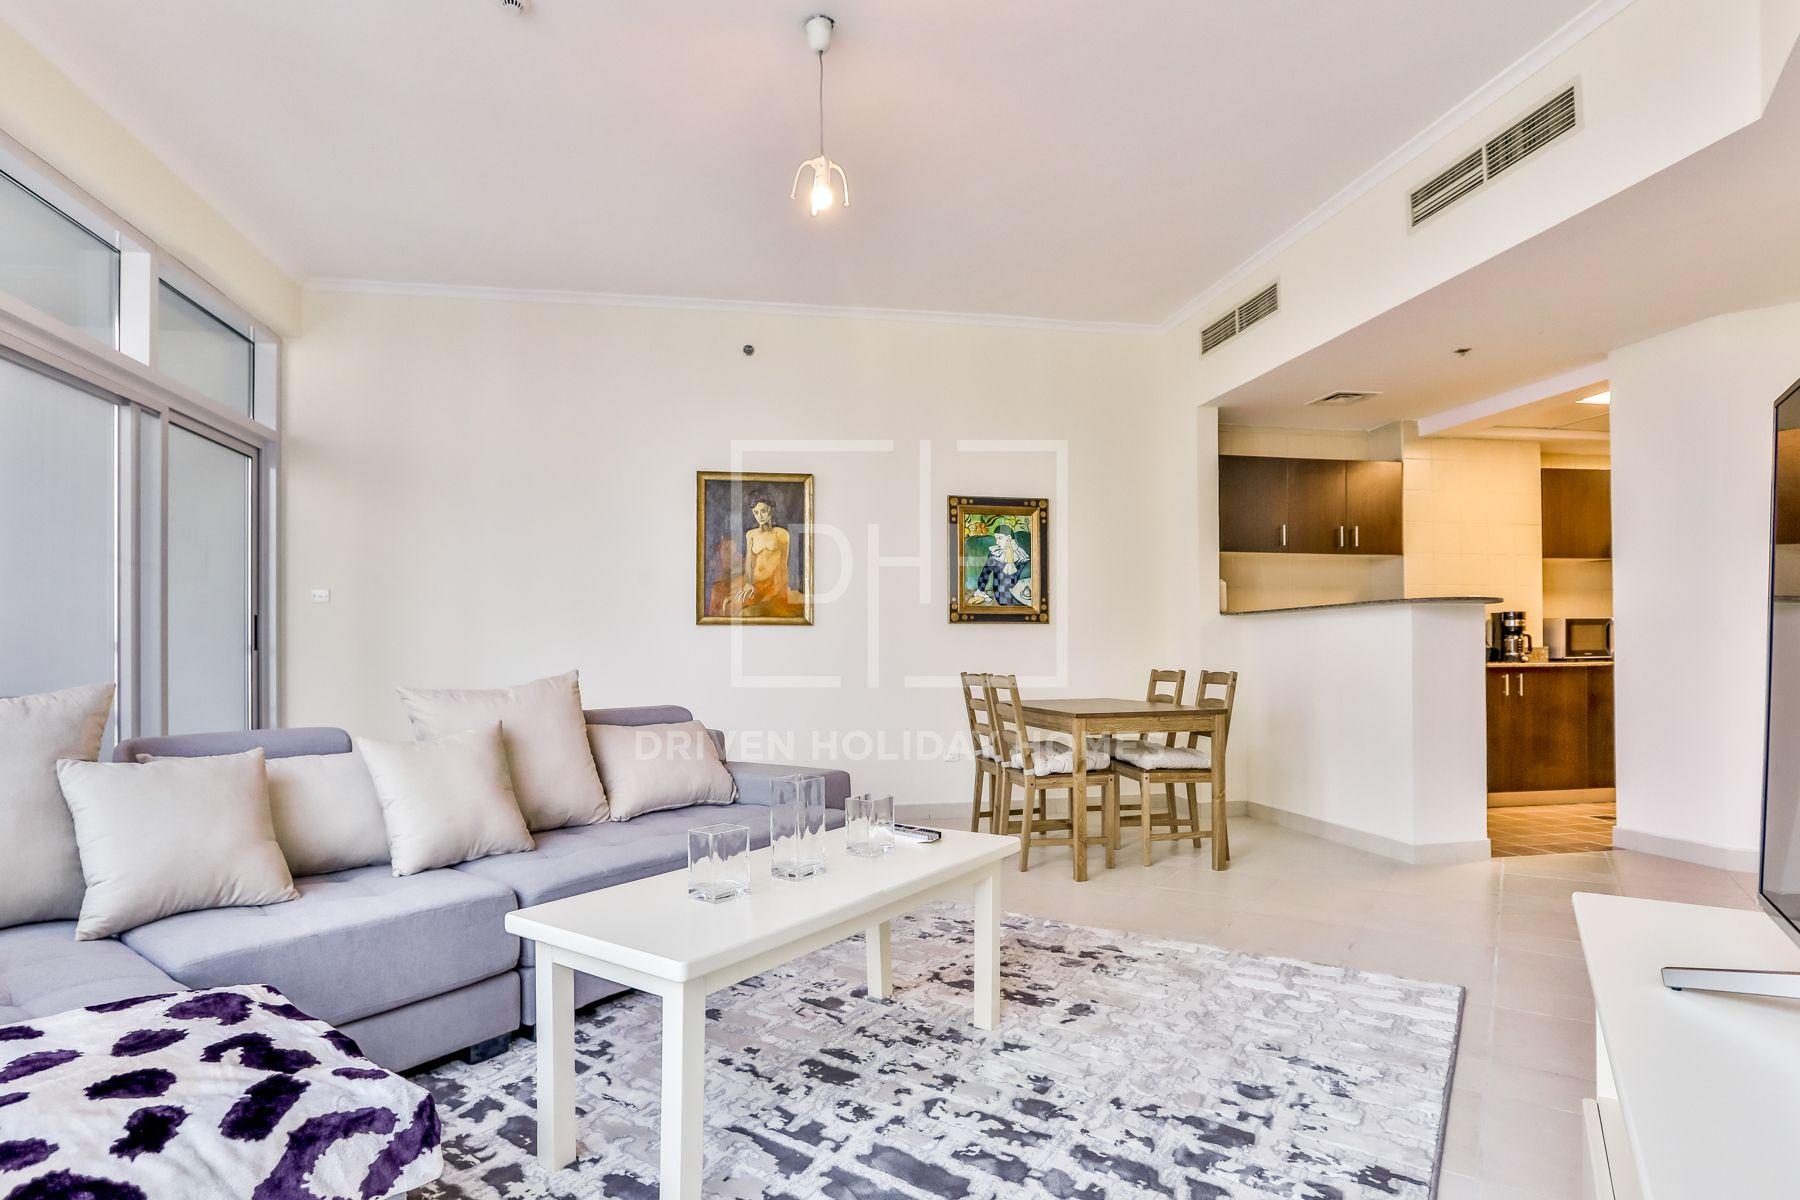 1,258 قدم مربع  شقة - للايجار - دبي مارينا